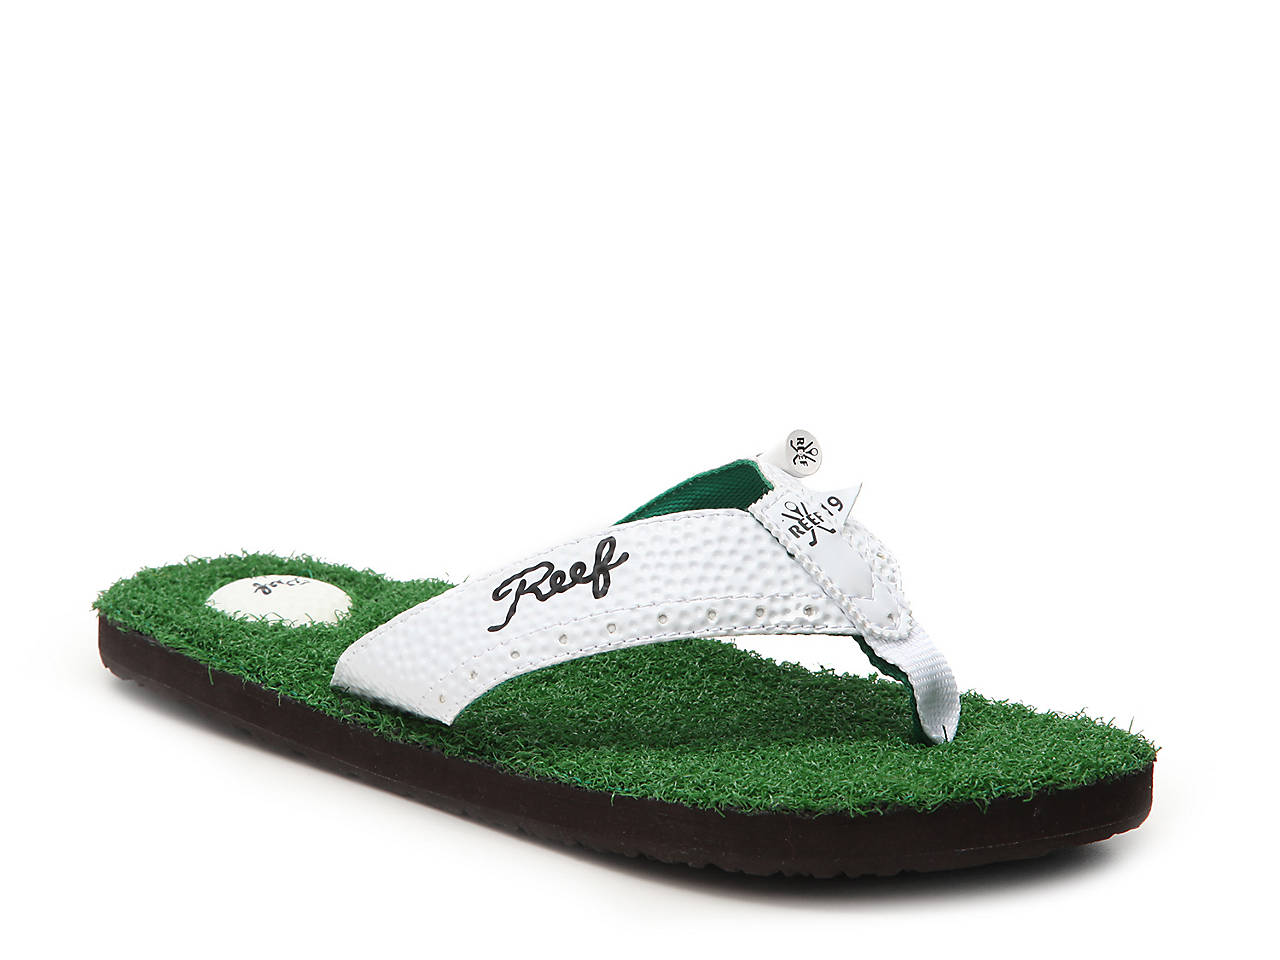 bab206ef7a82 Reef Mulligan Flip Flop Men s Shoes